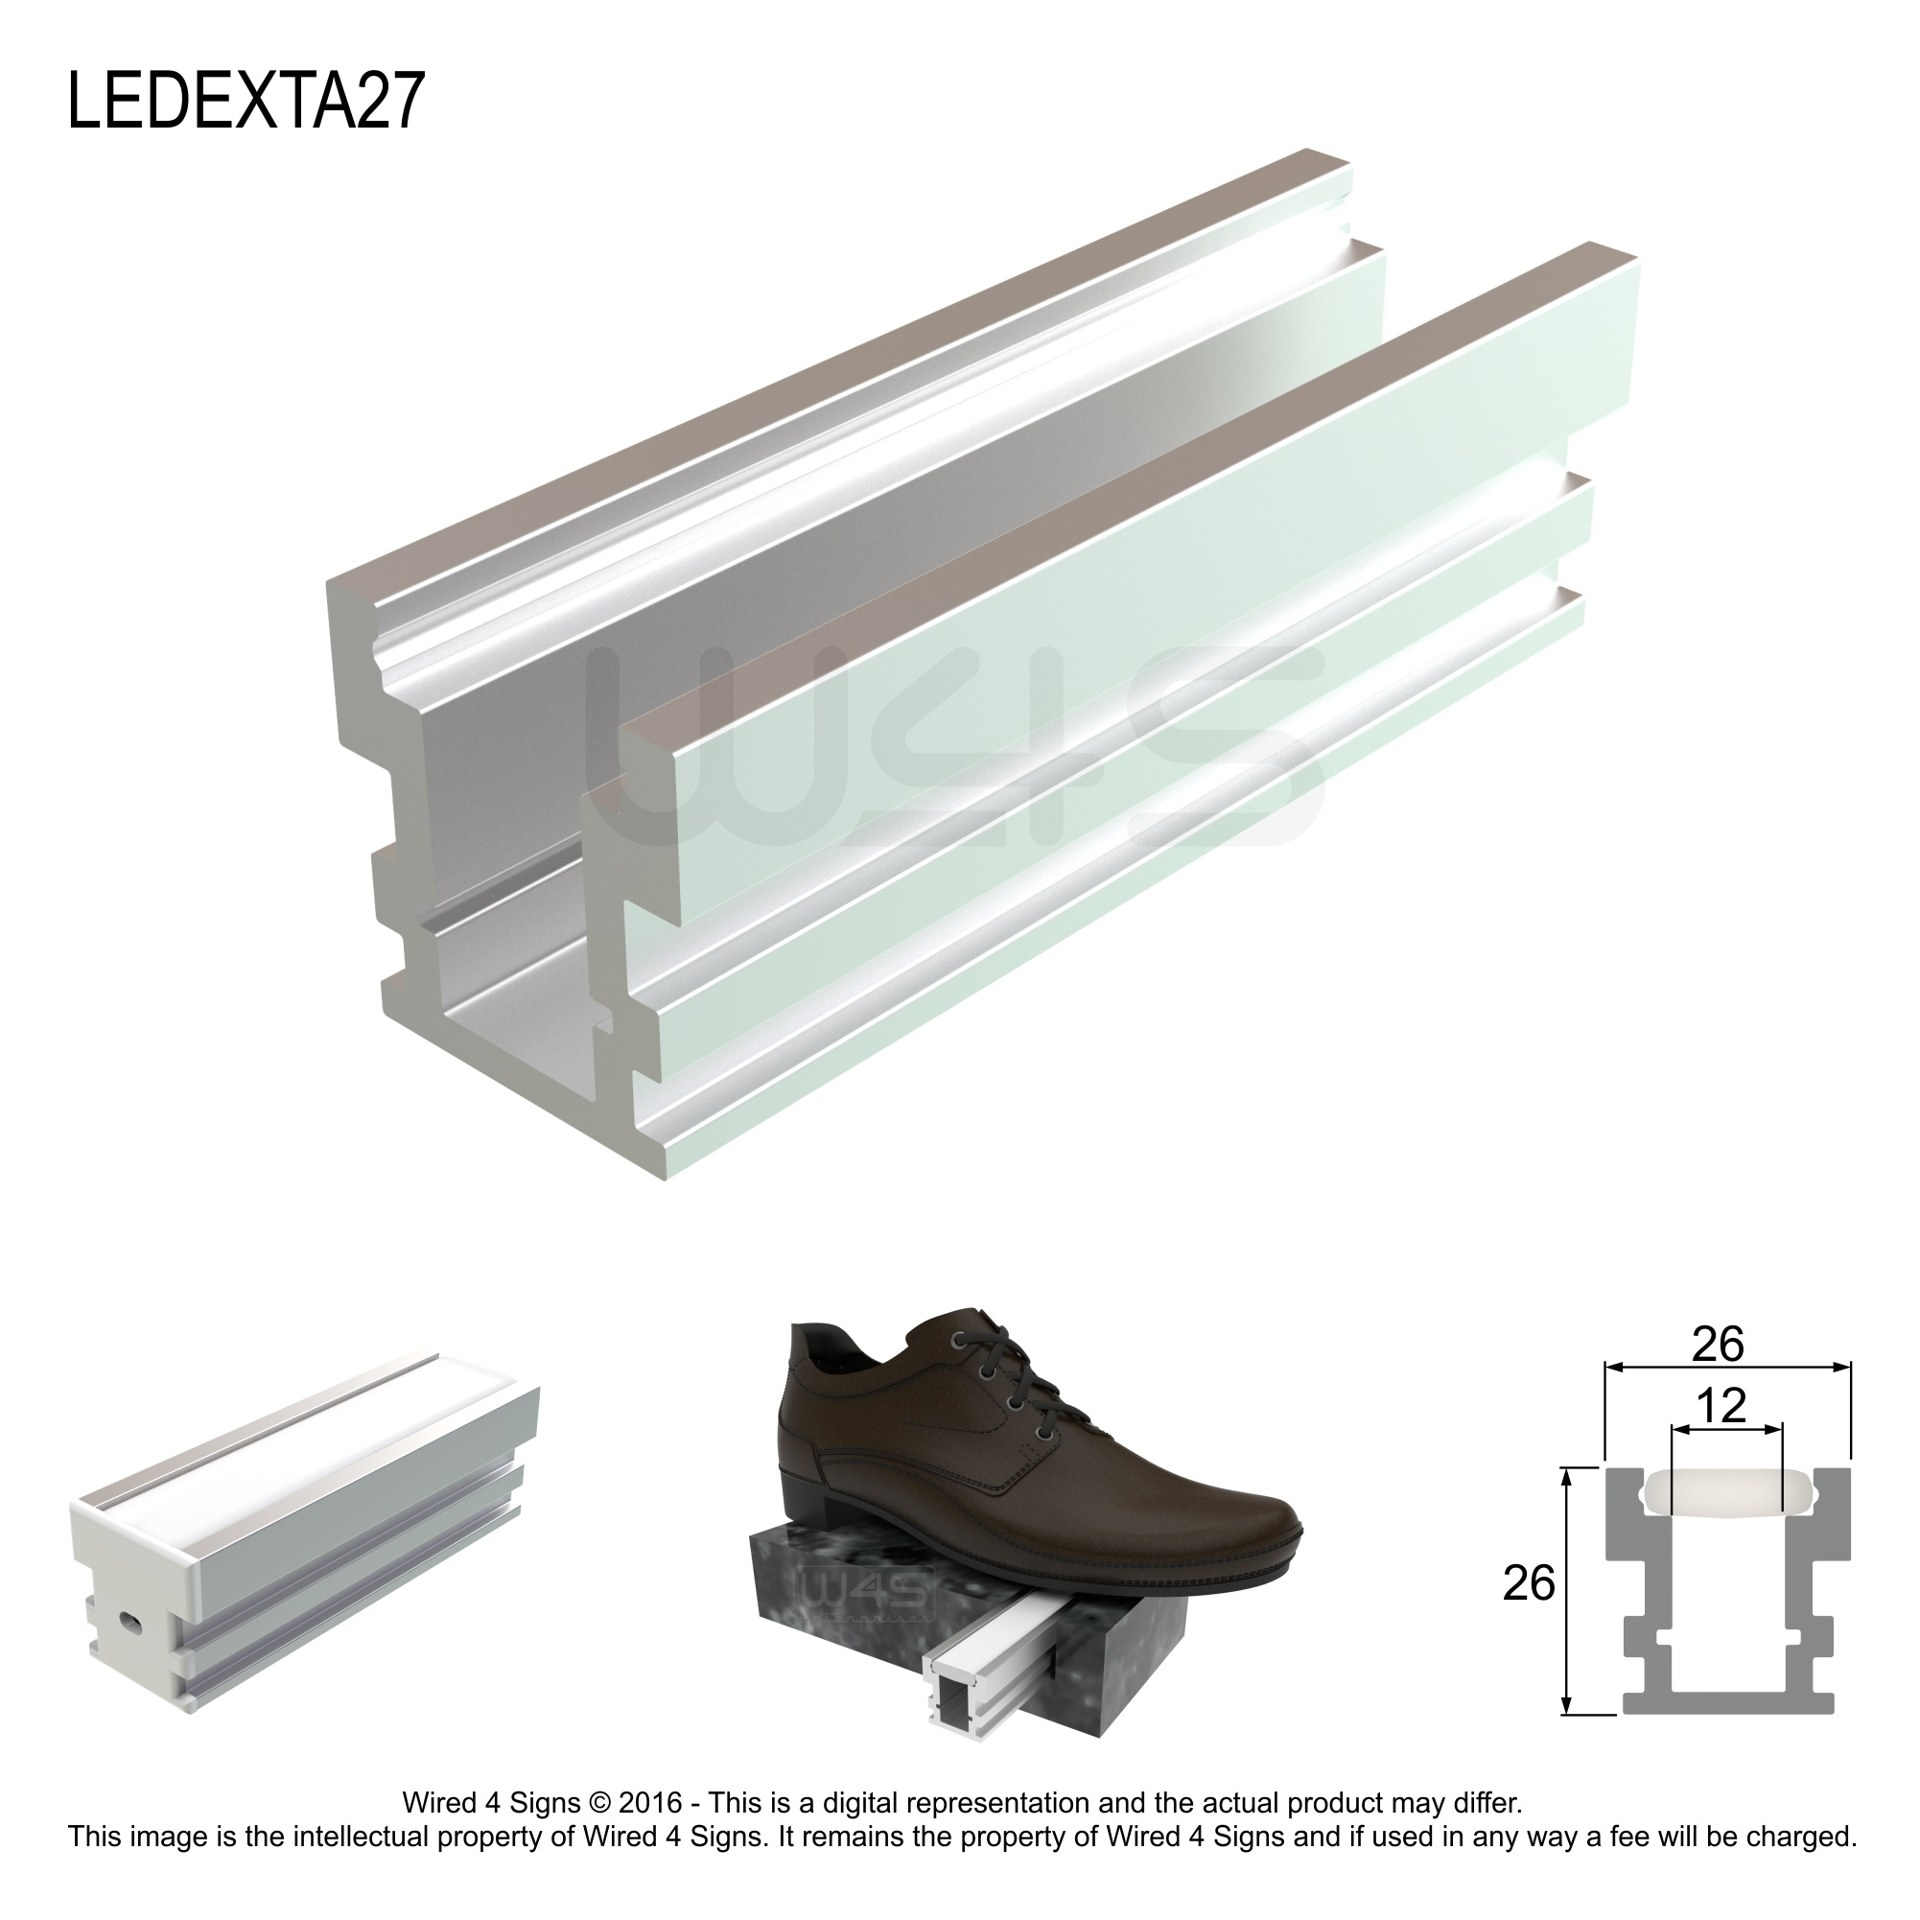 Tridonic LED Control Gear Port Elizabeth